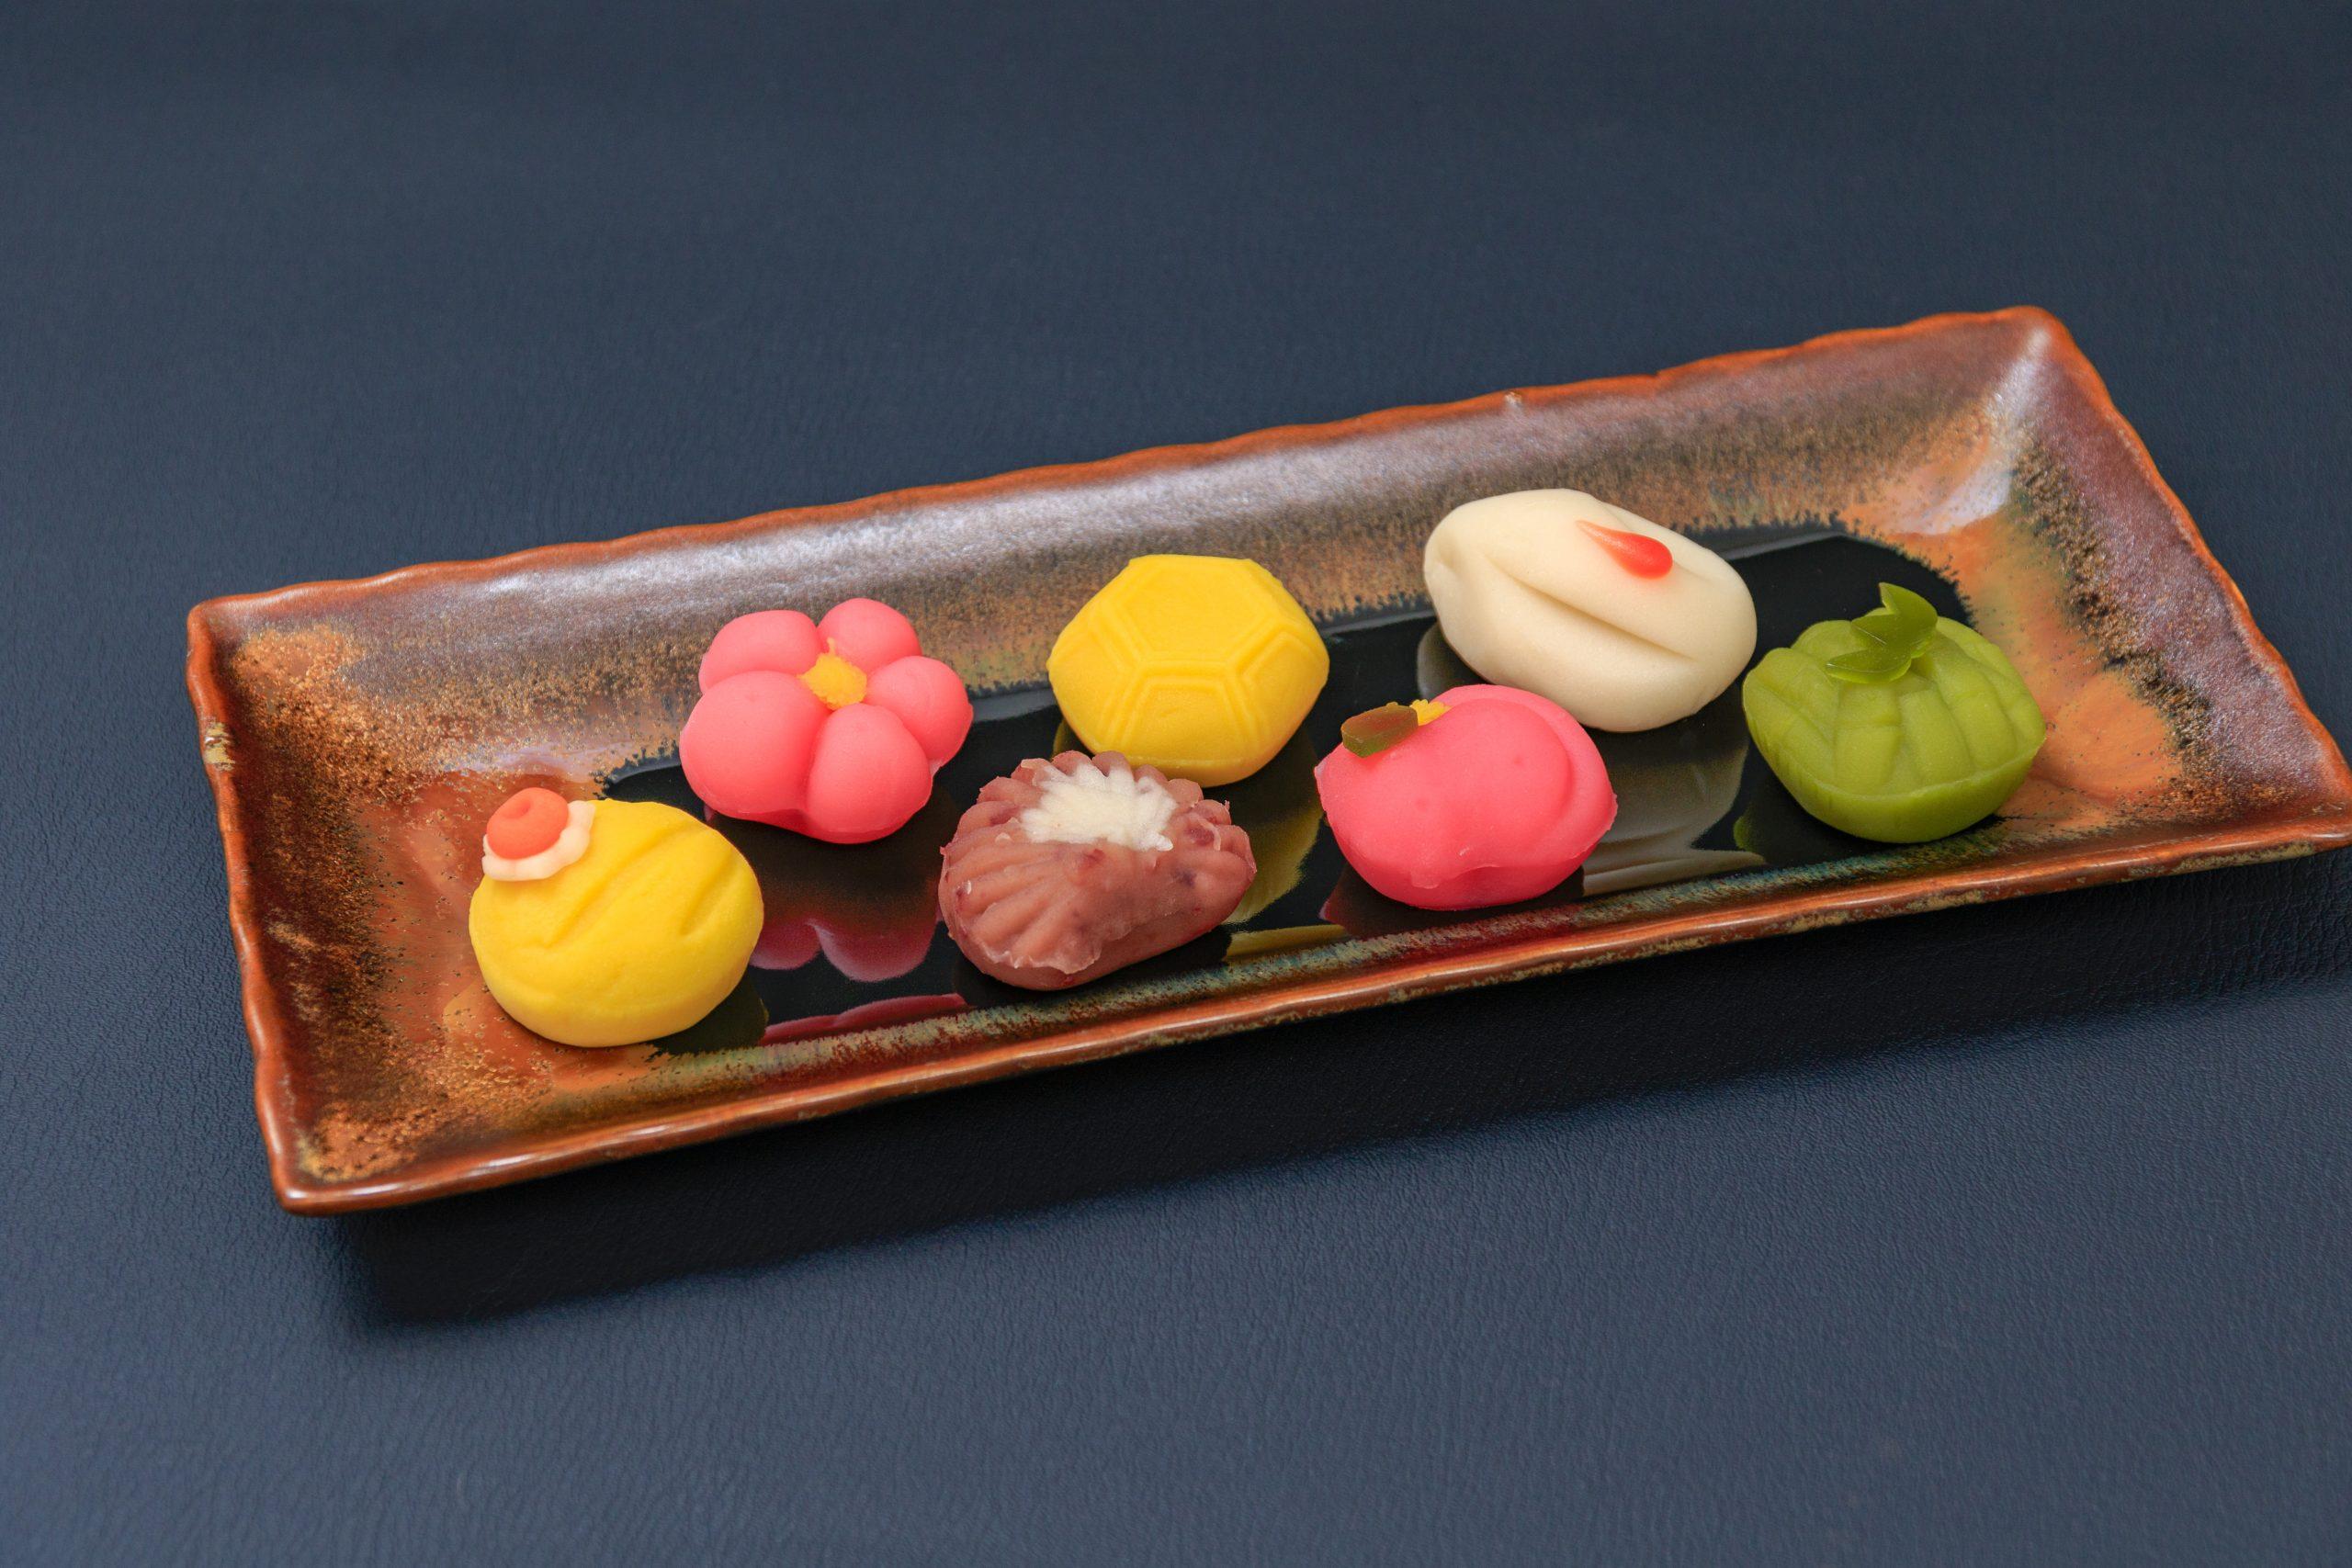 Tea ceremony sweets